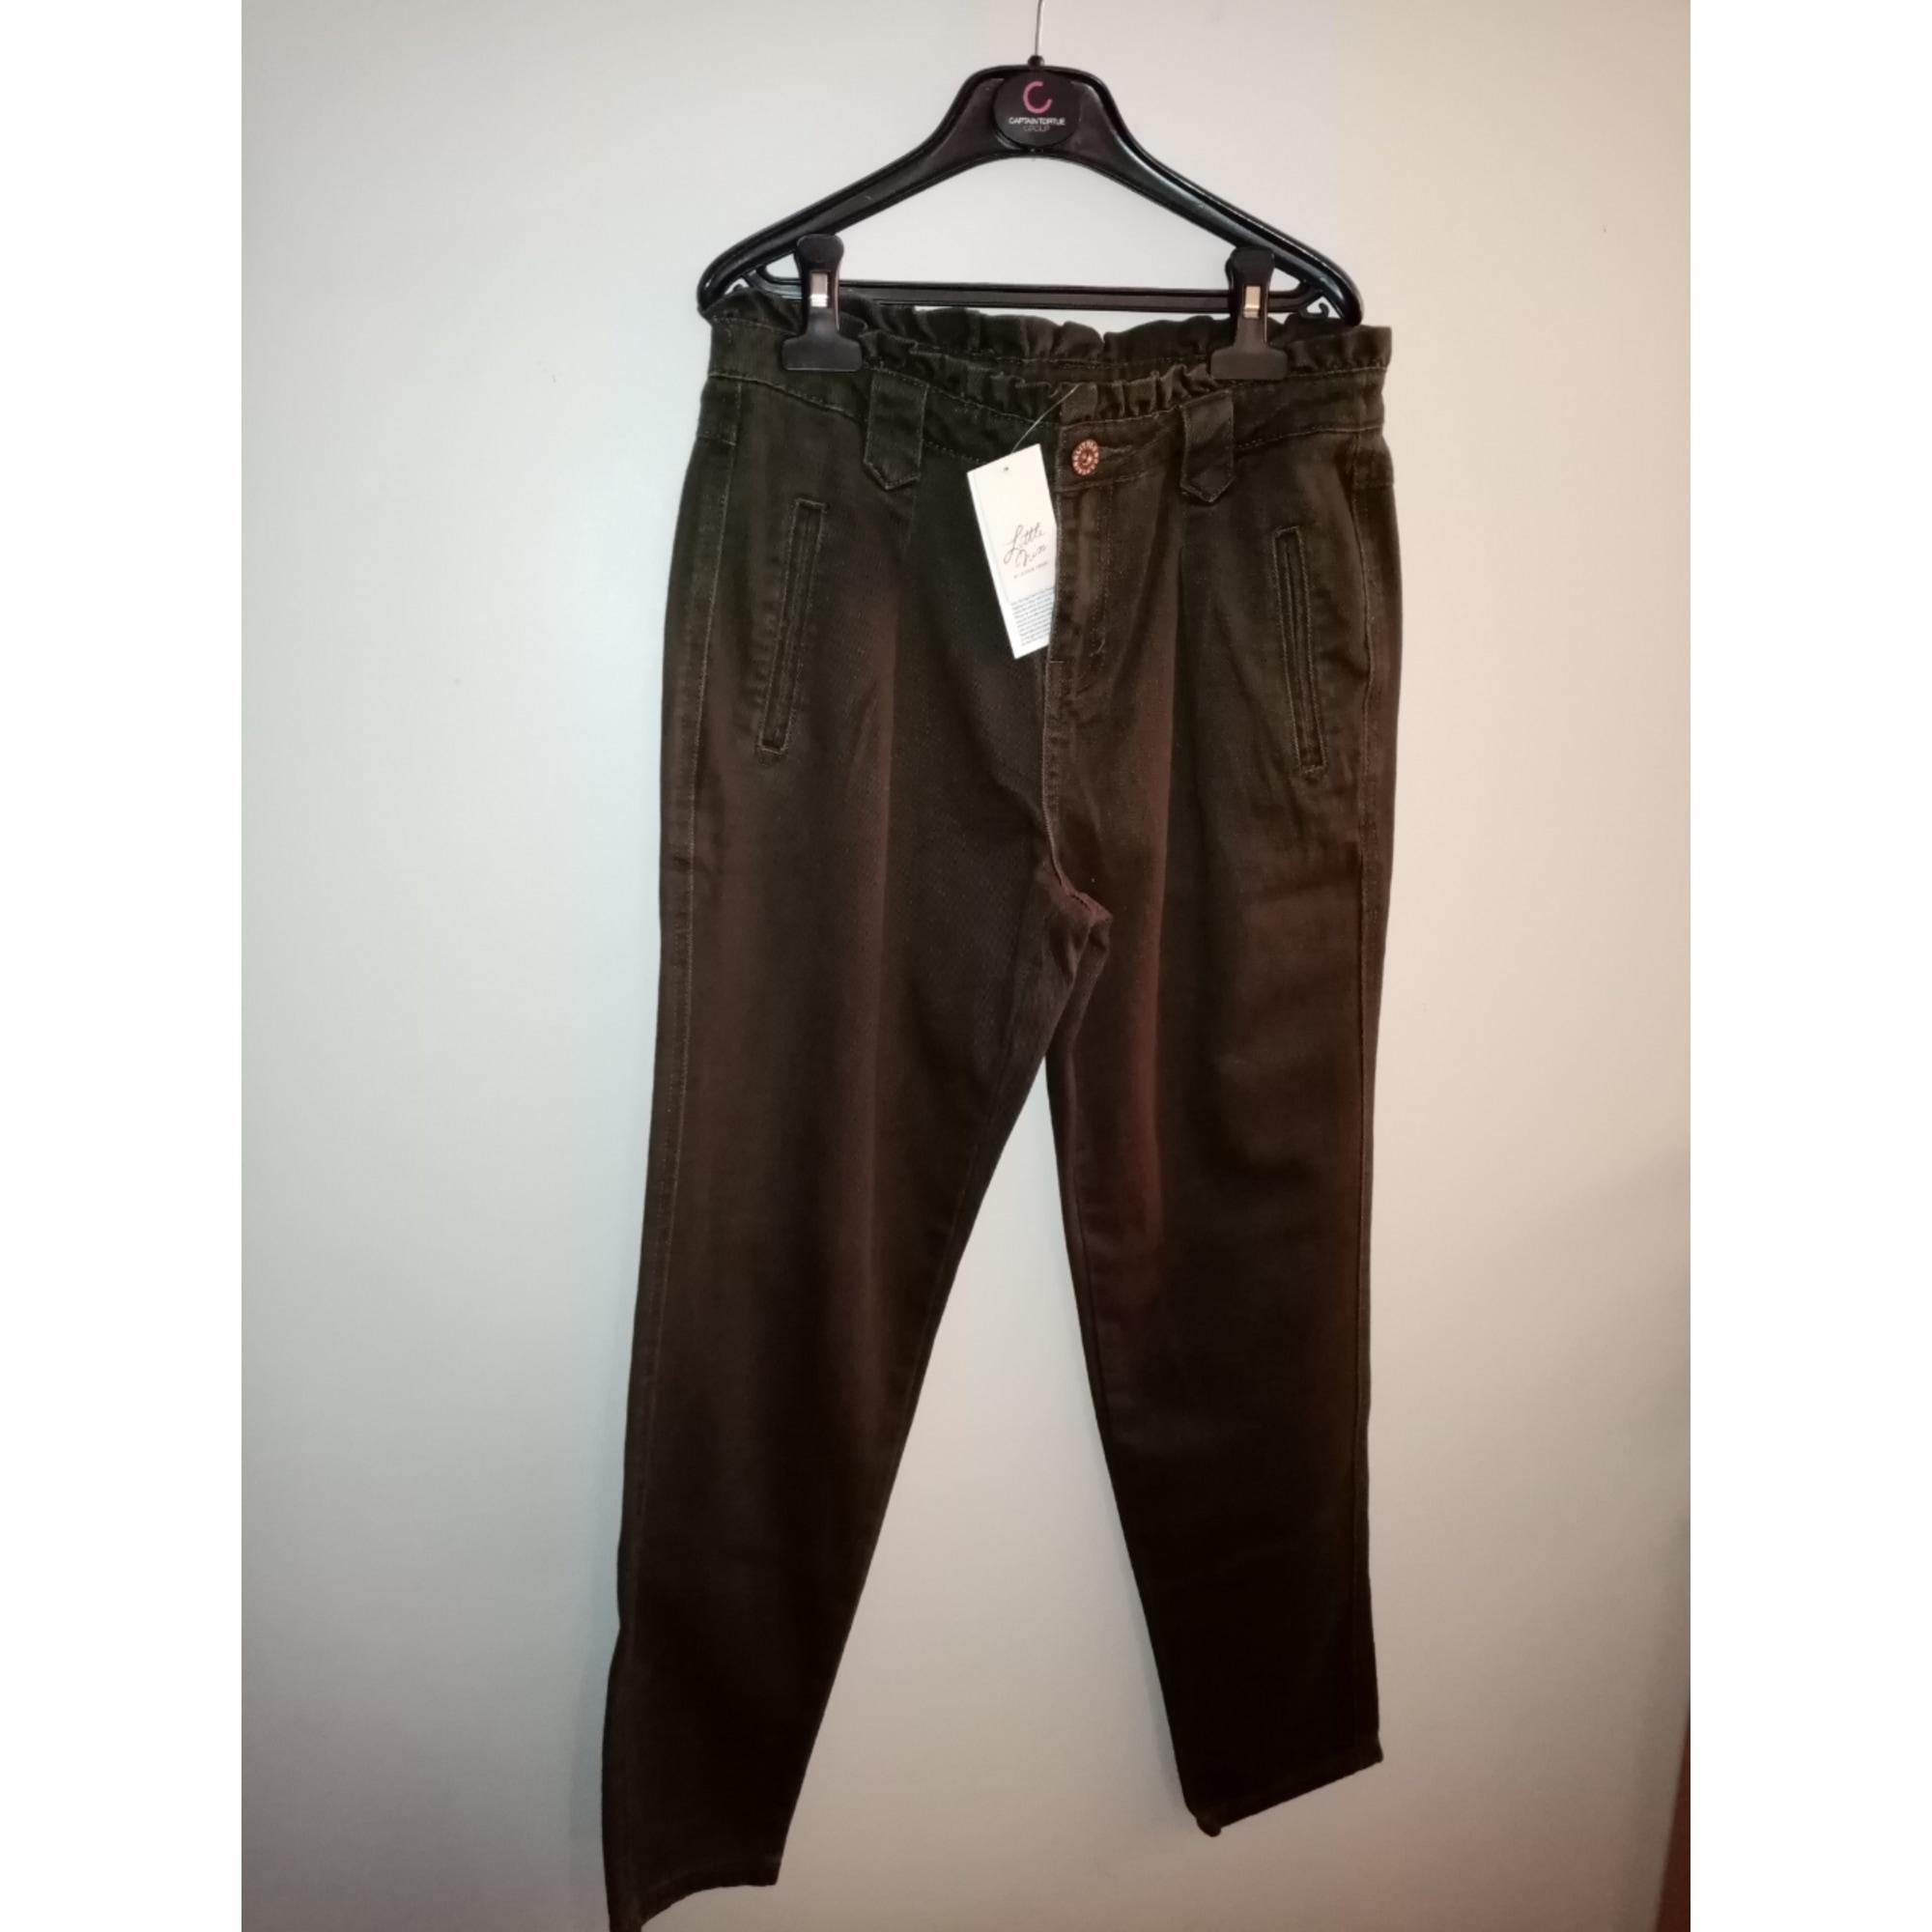 Pantalon large MISS CAPTAIN Kaki